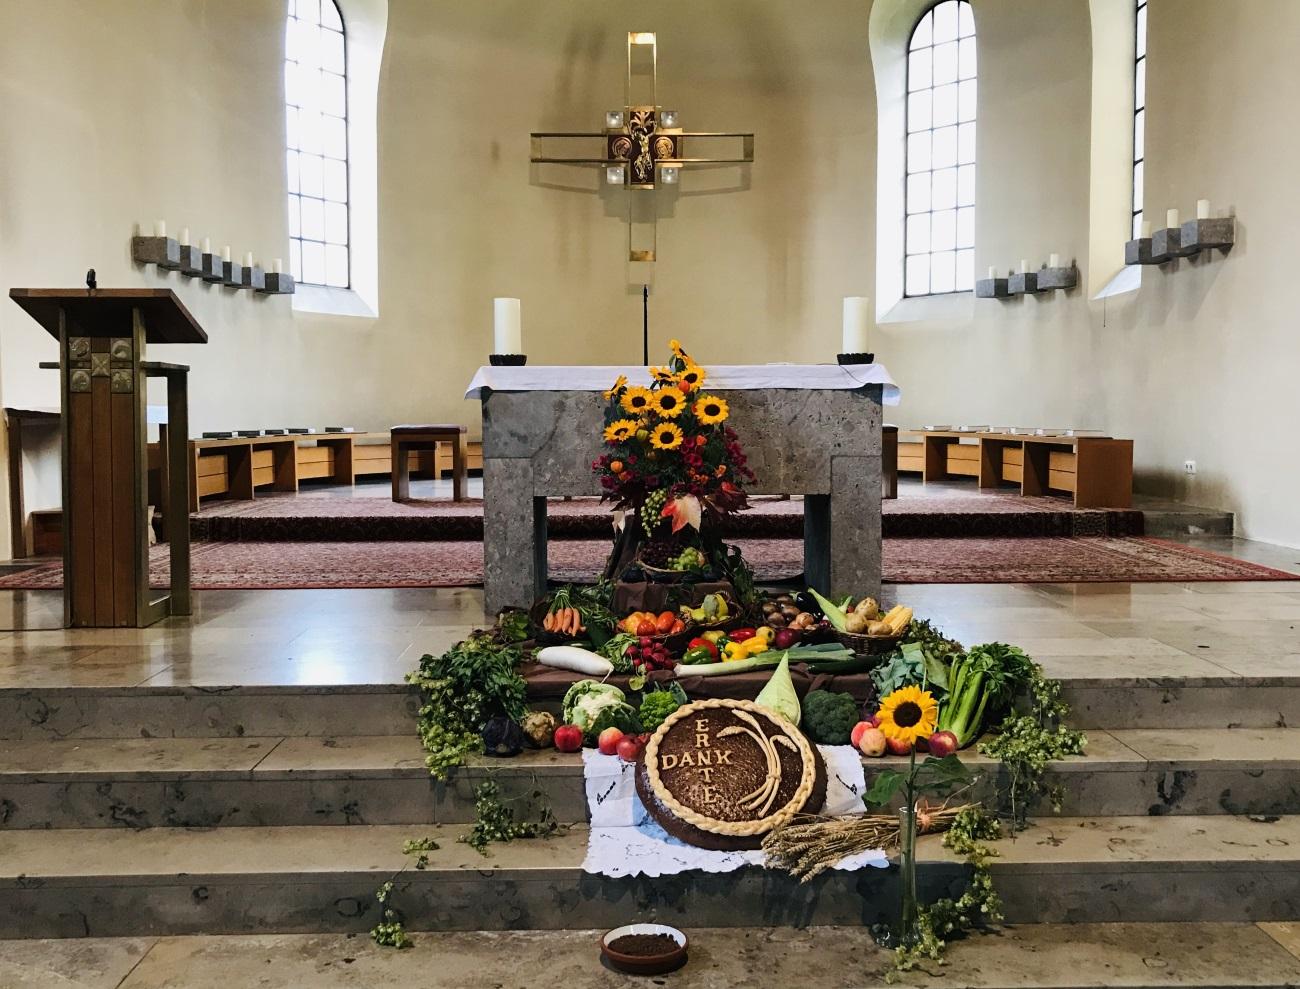 Reich geschmückter Erntedank-Altar in St. Ulrich 2019 (Bild: Uli Koller)